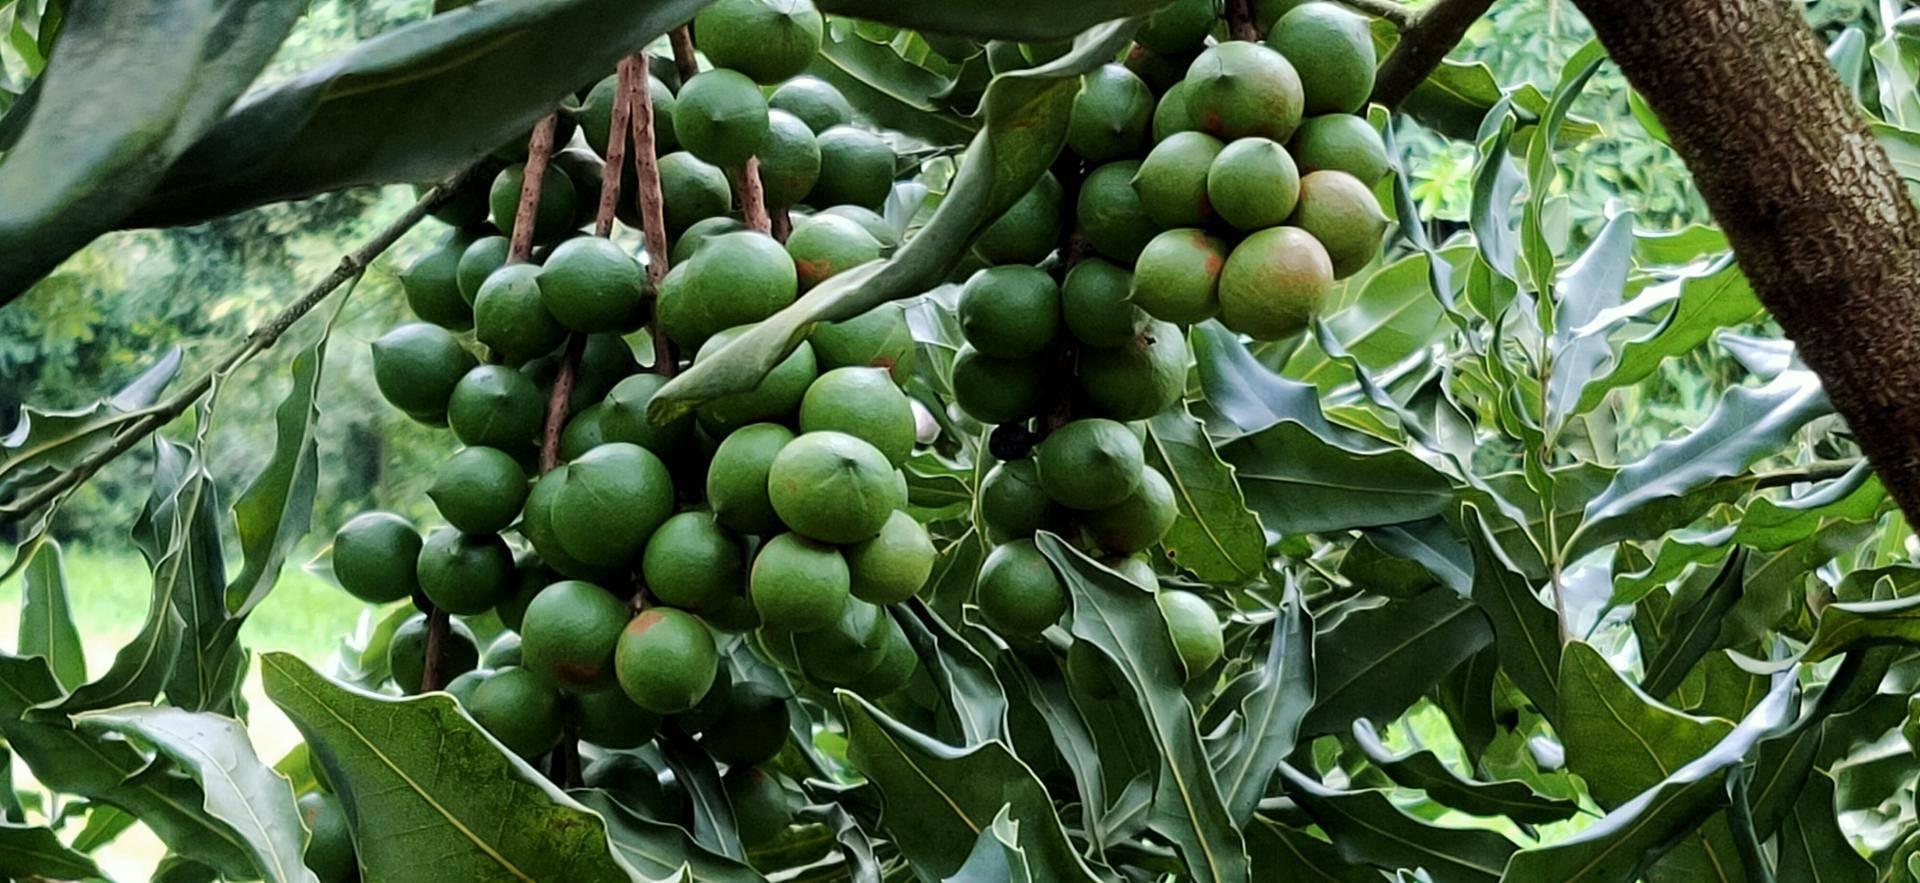 天猫出手 中国临沧坚果飘香世界,美国农产品堆积如山